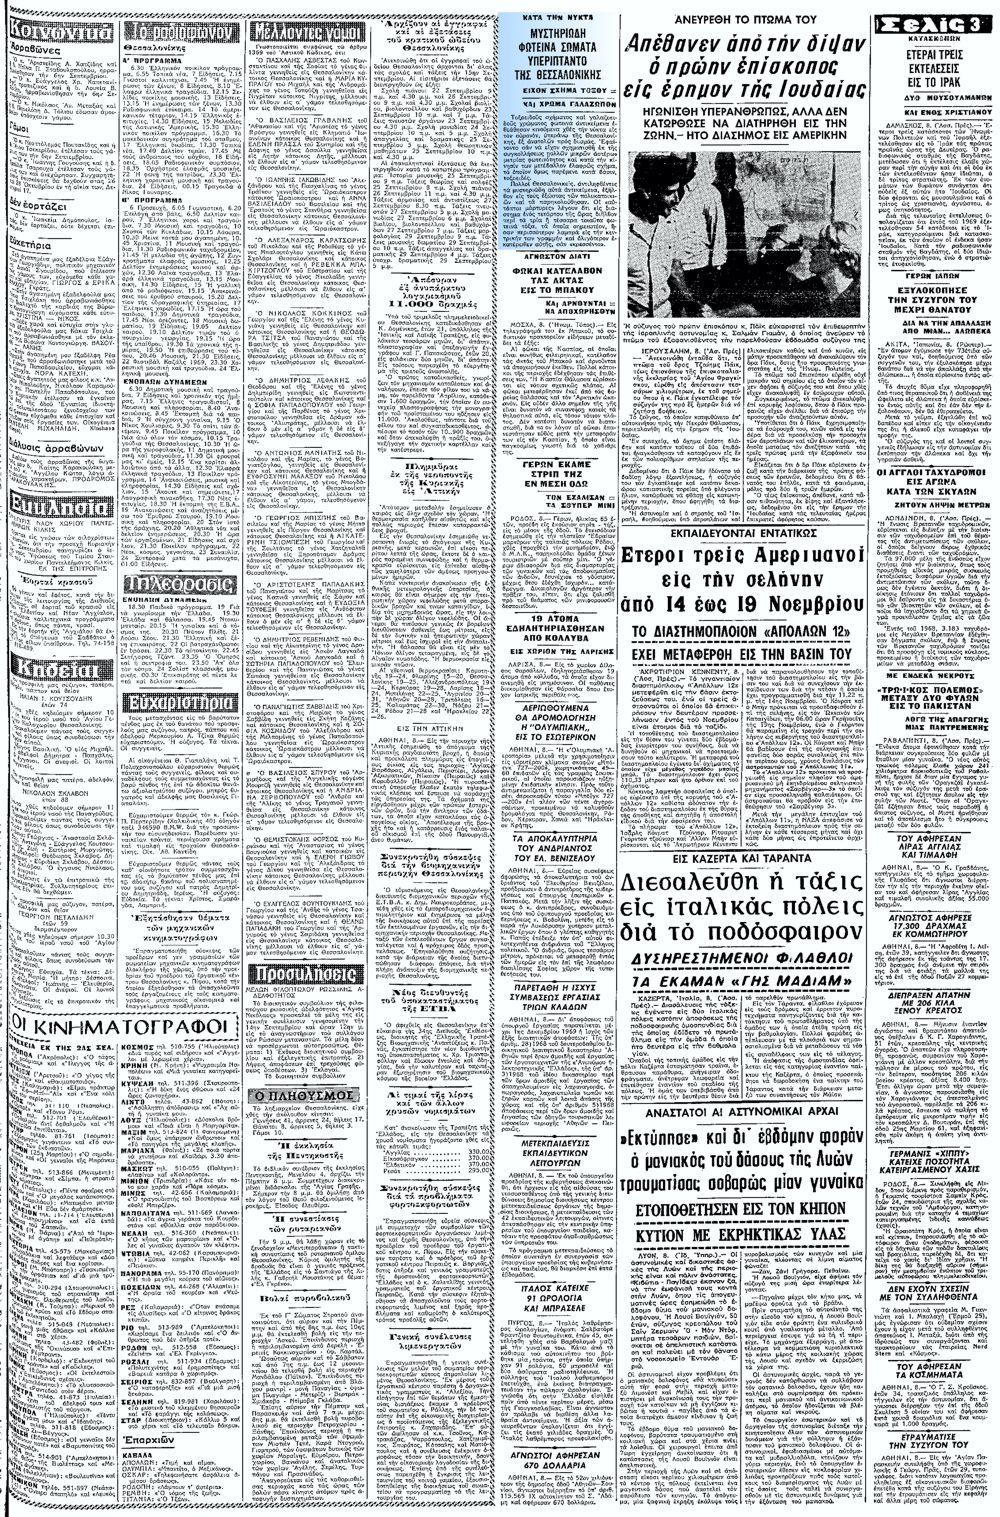 """Το άρθρο, όπως δημοσιεύθηκε στην εφημερίδα """"ΜΑΚΕΔΟΝΙΑ"""", στις 09/09/1969"""